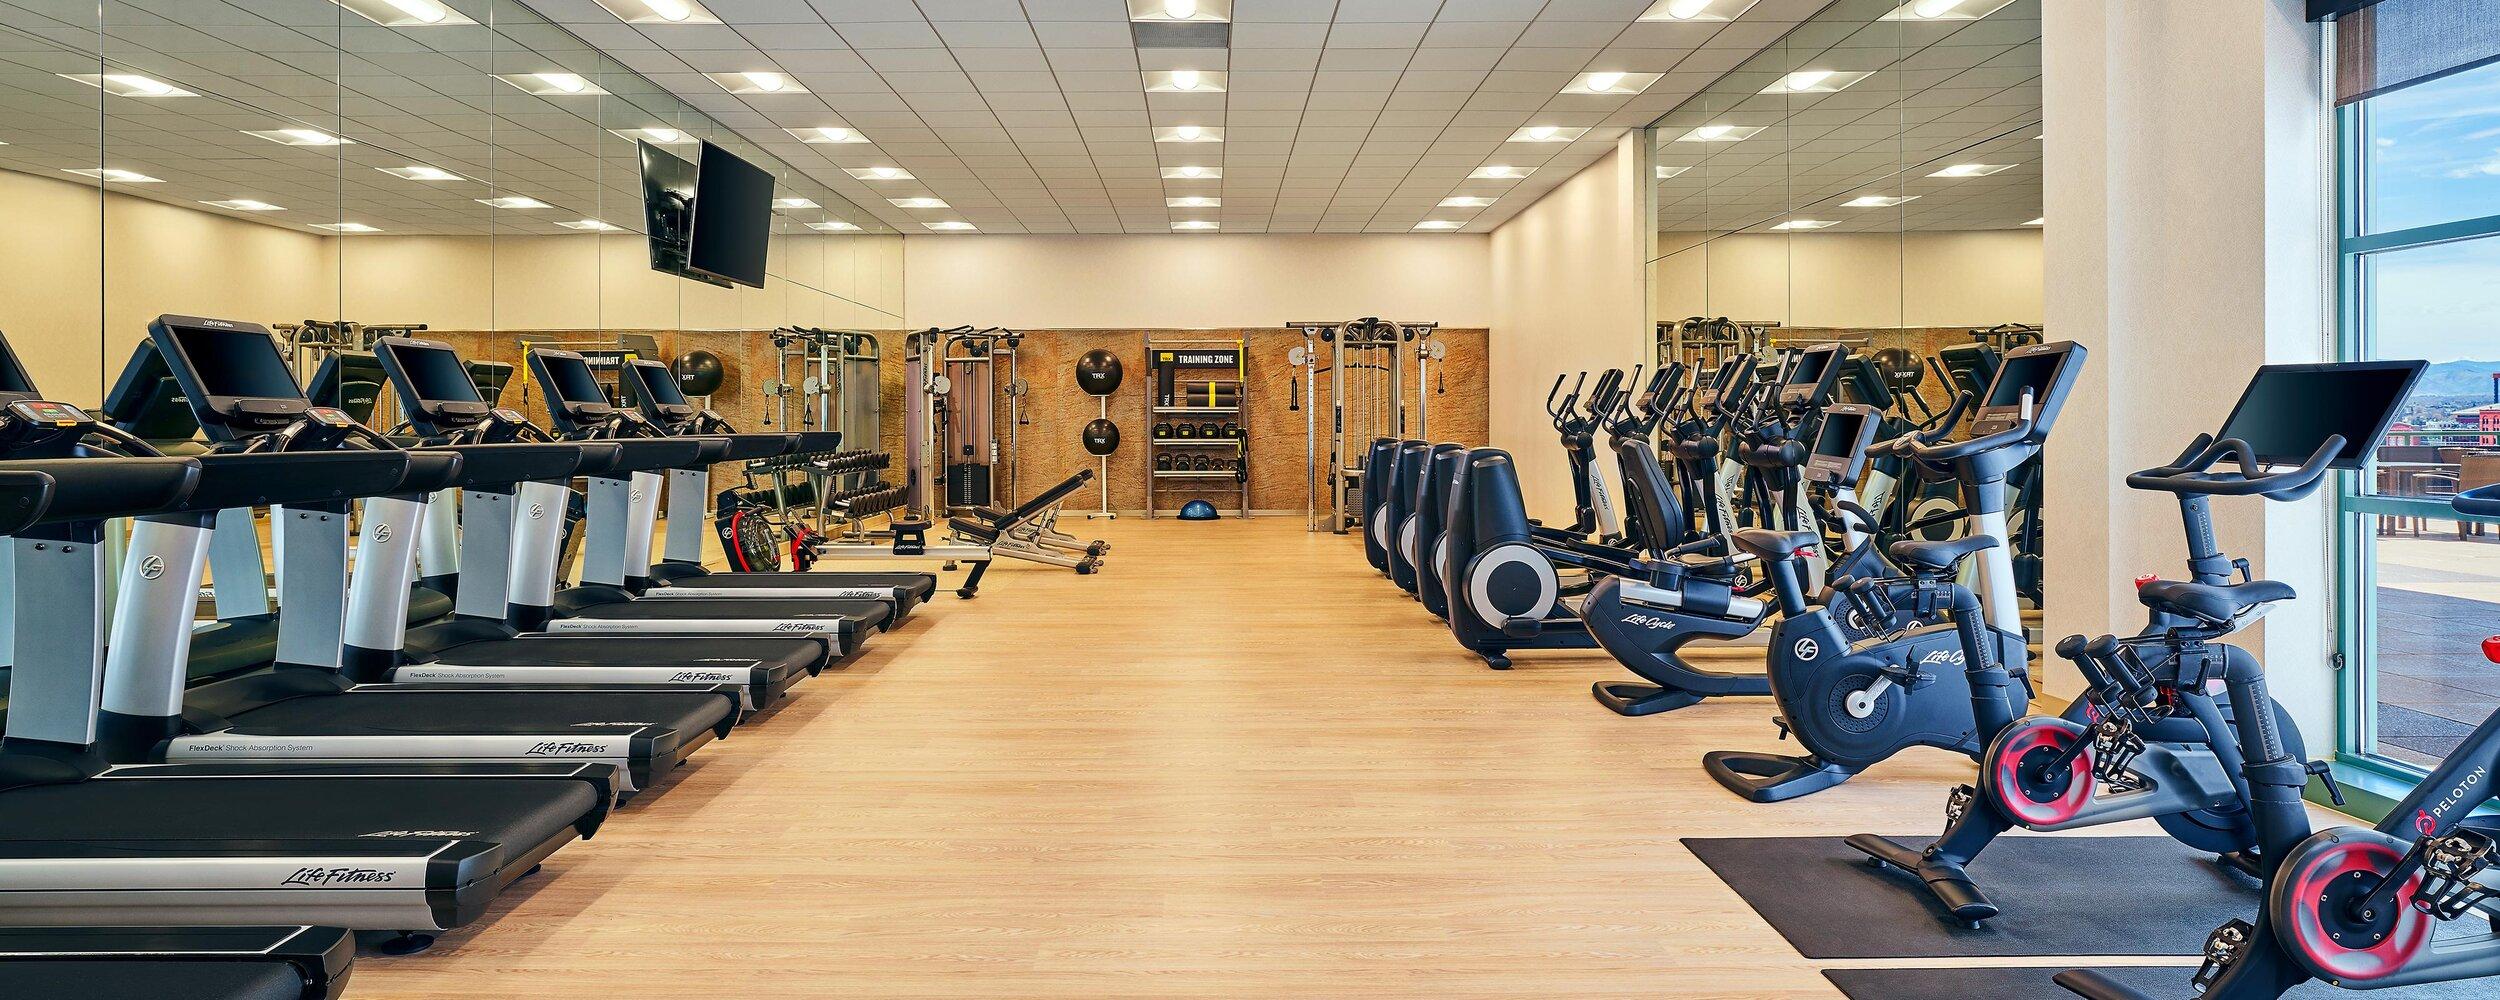 denwi-fitness-studio-5560-hor-feat.jpg